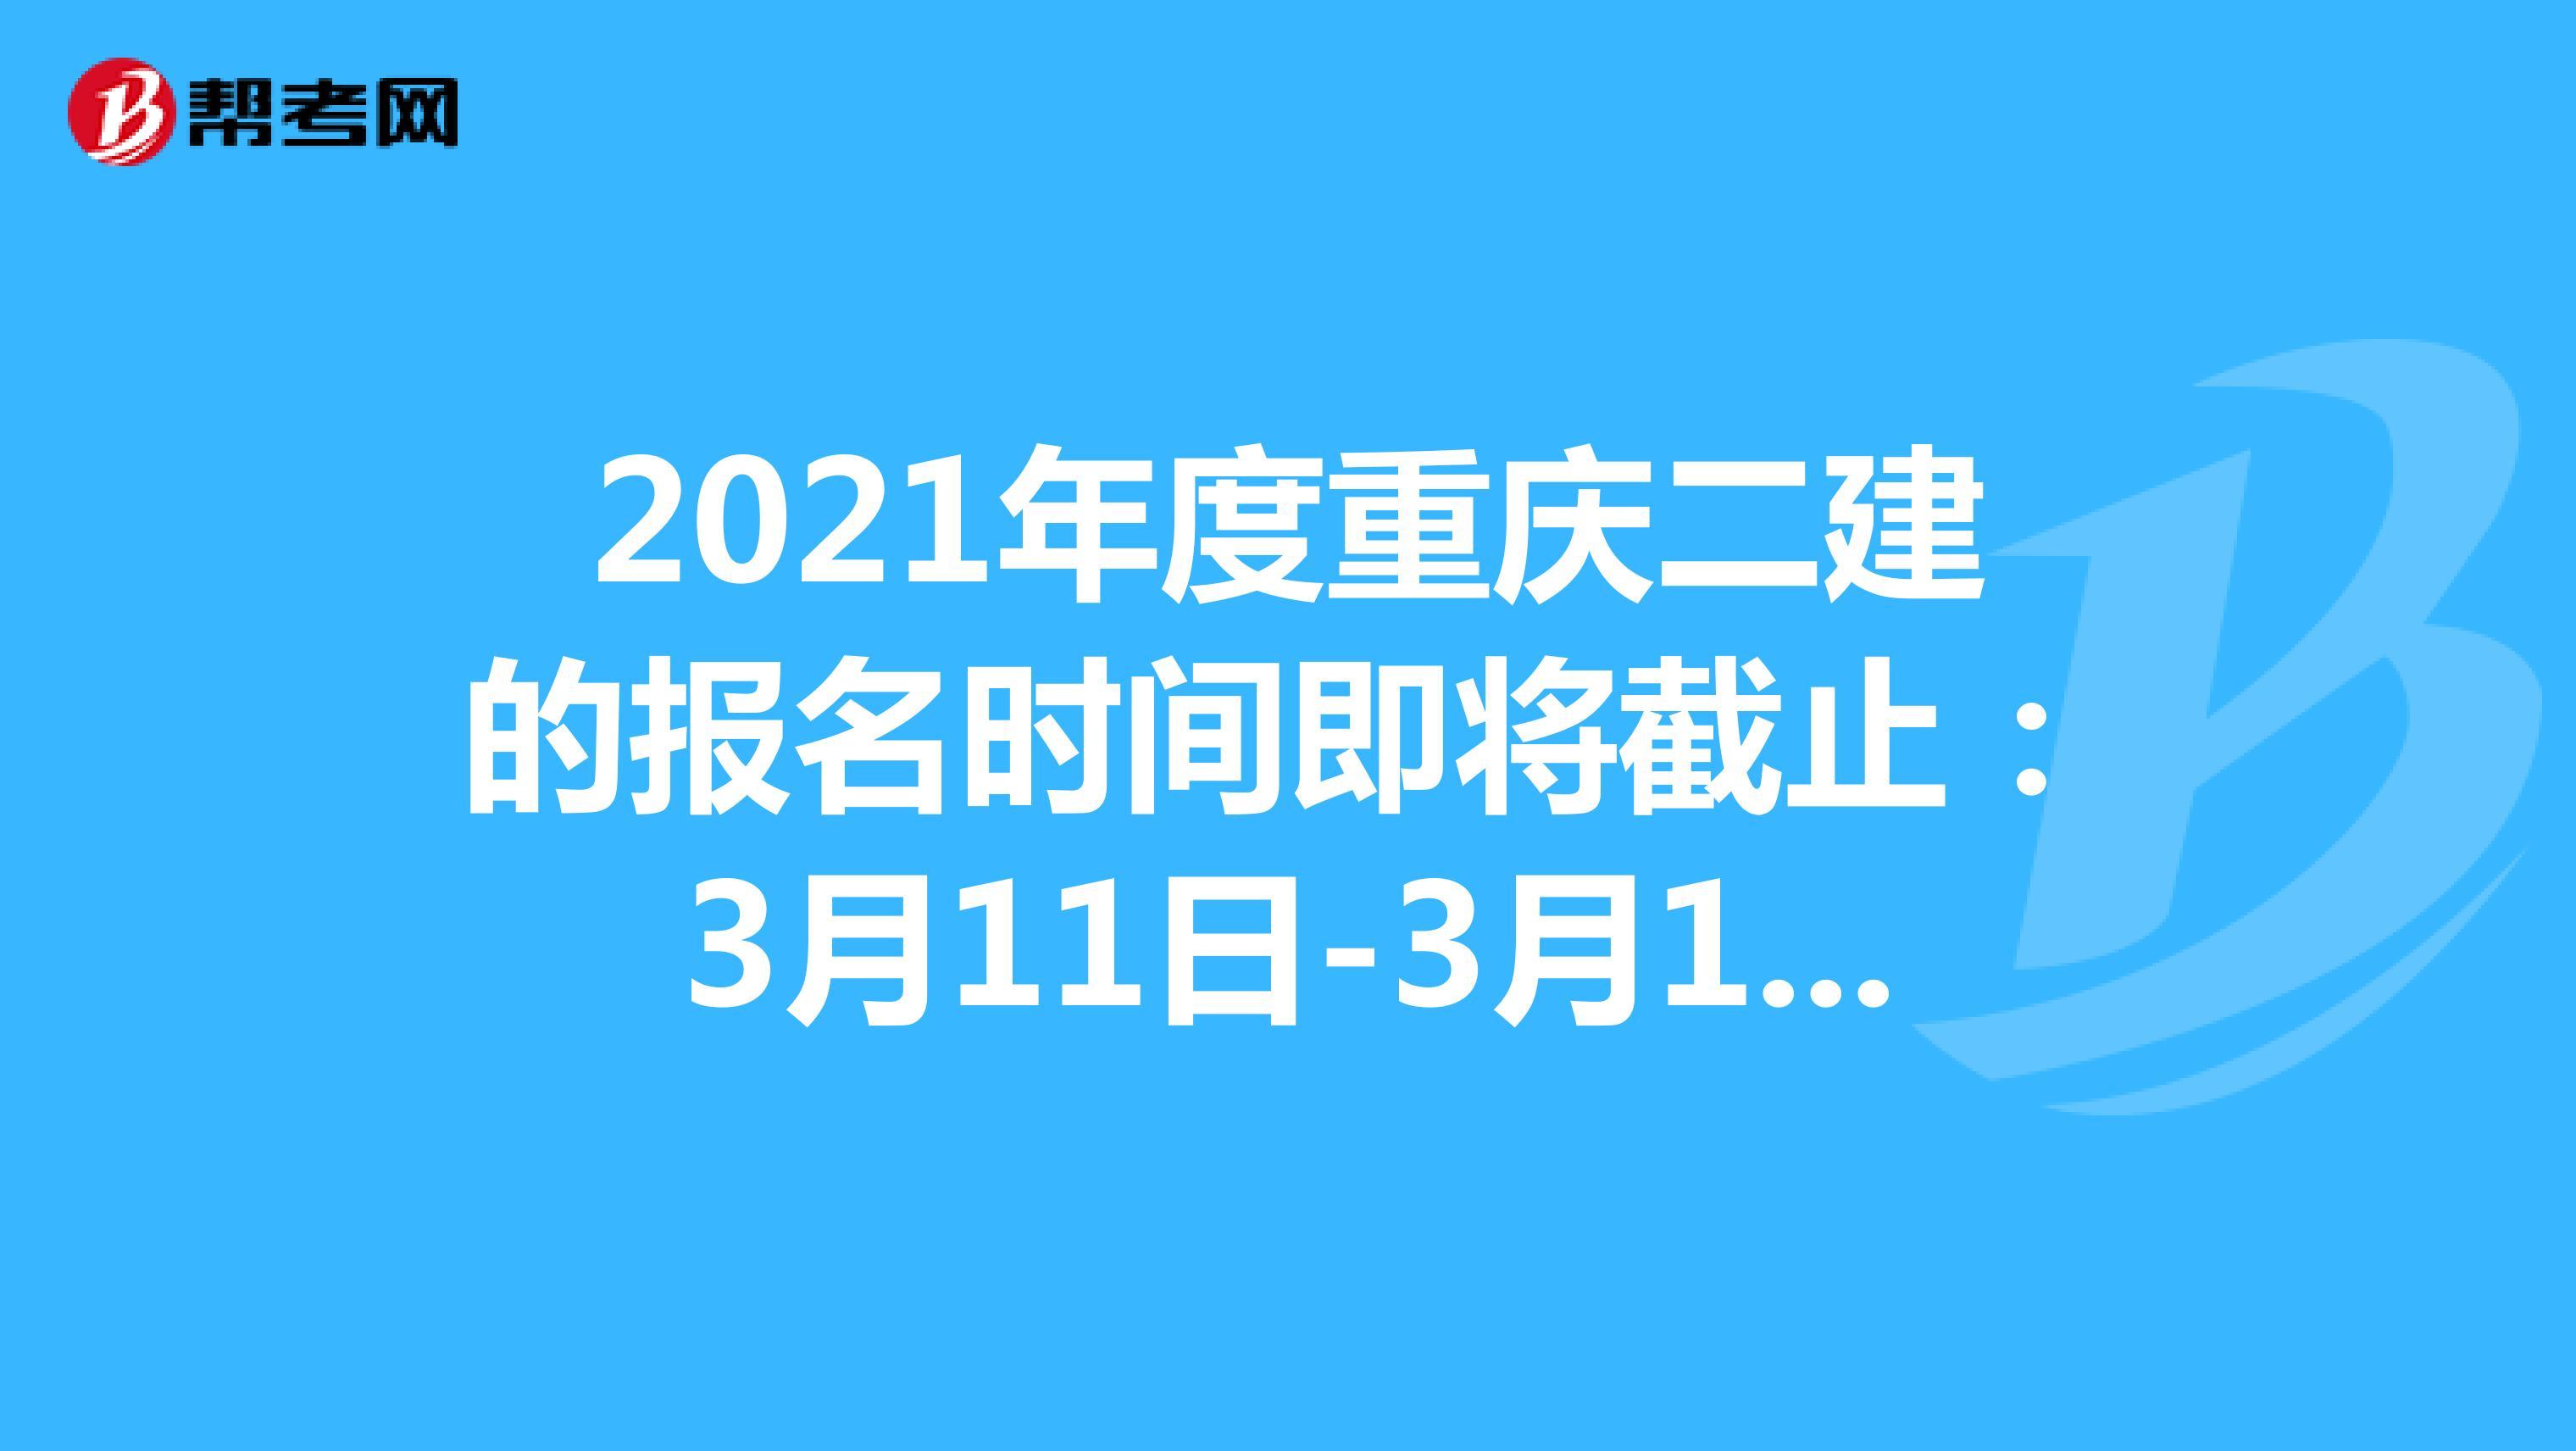 2021年度重庆二建的报名时间即将截止:3月11日-3月17日